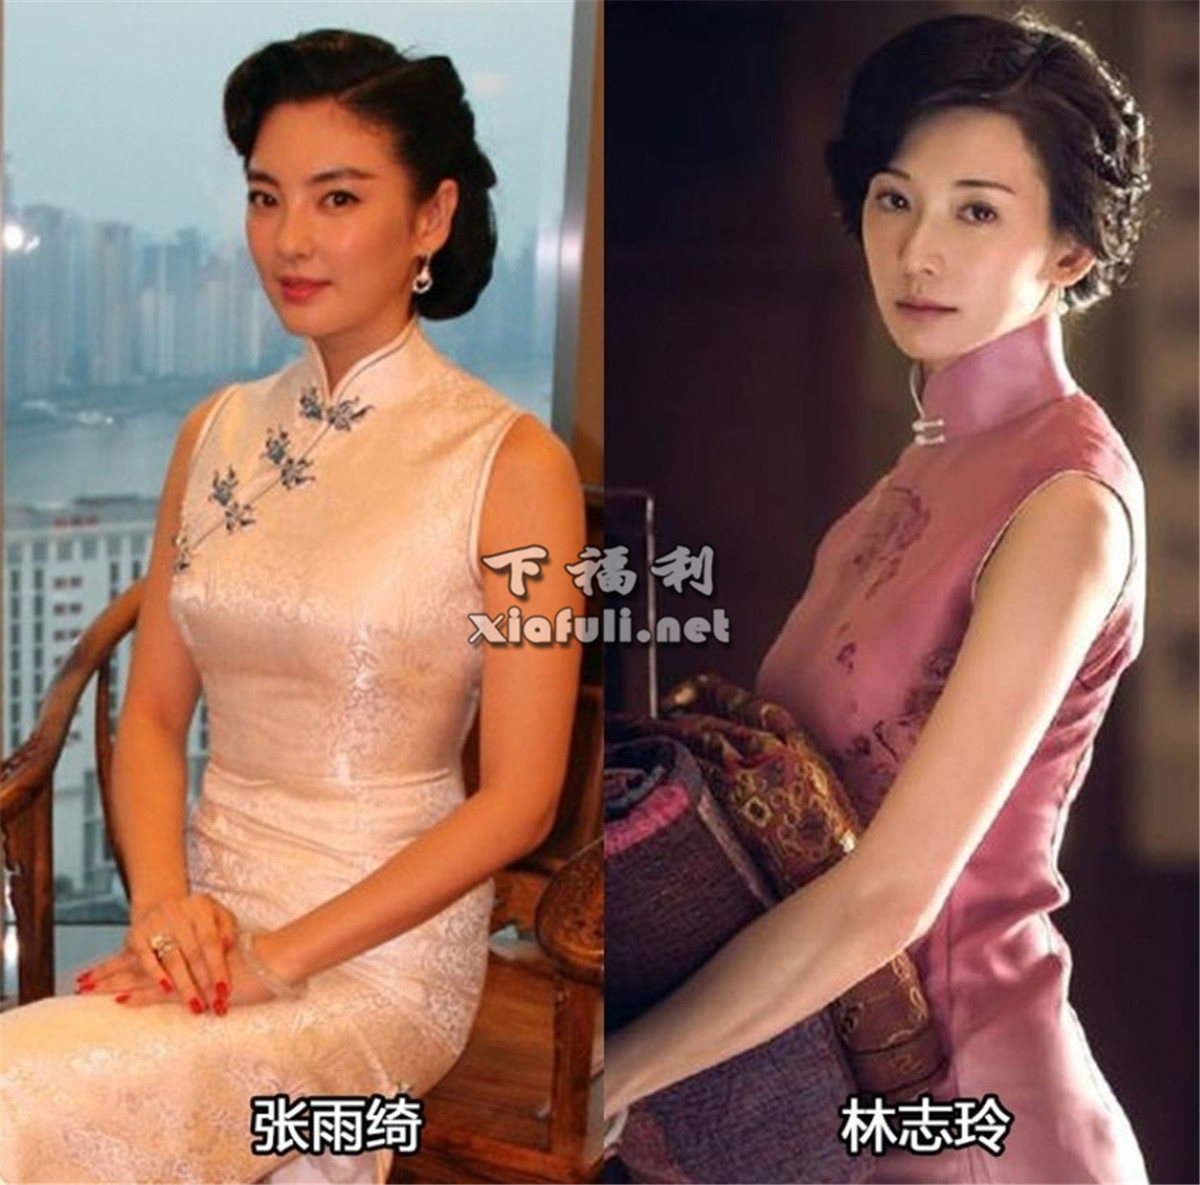 当娱乐圈女星穿上旗袍,你觉得谁最好看 ?插图13